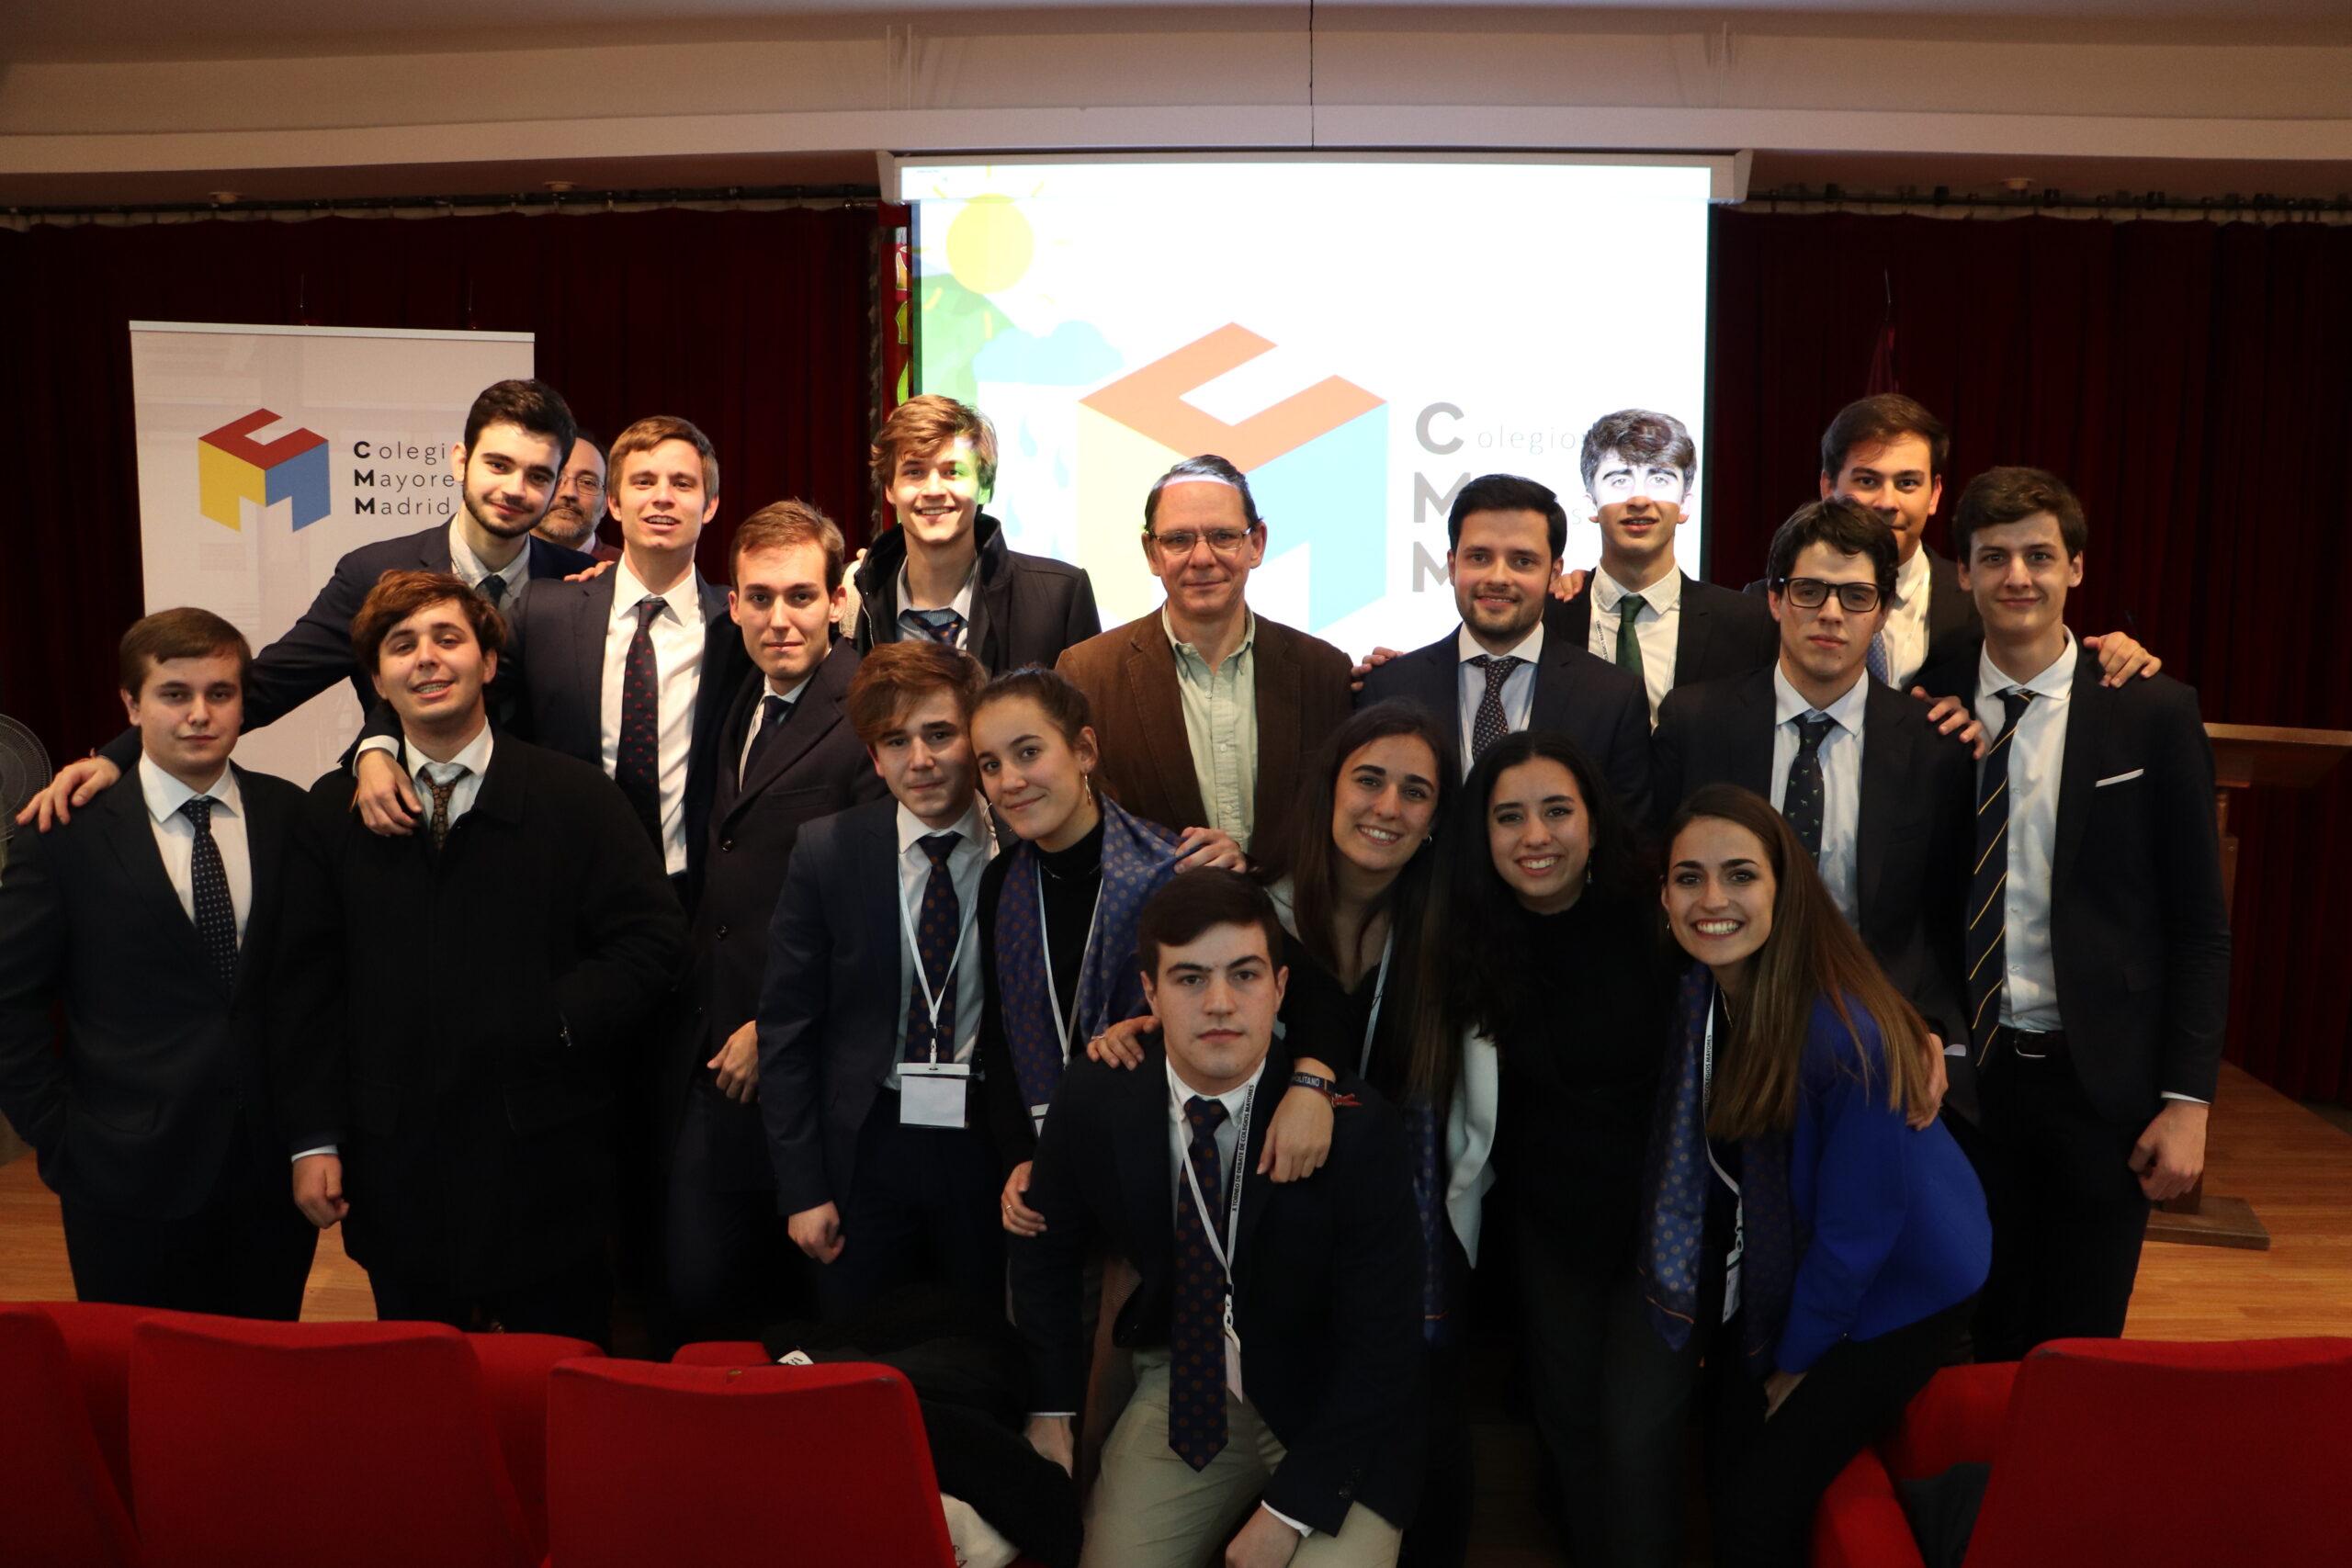 X Torneo de Debate de Colegios Mayores